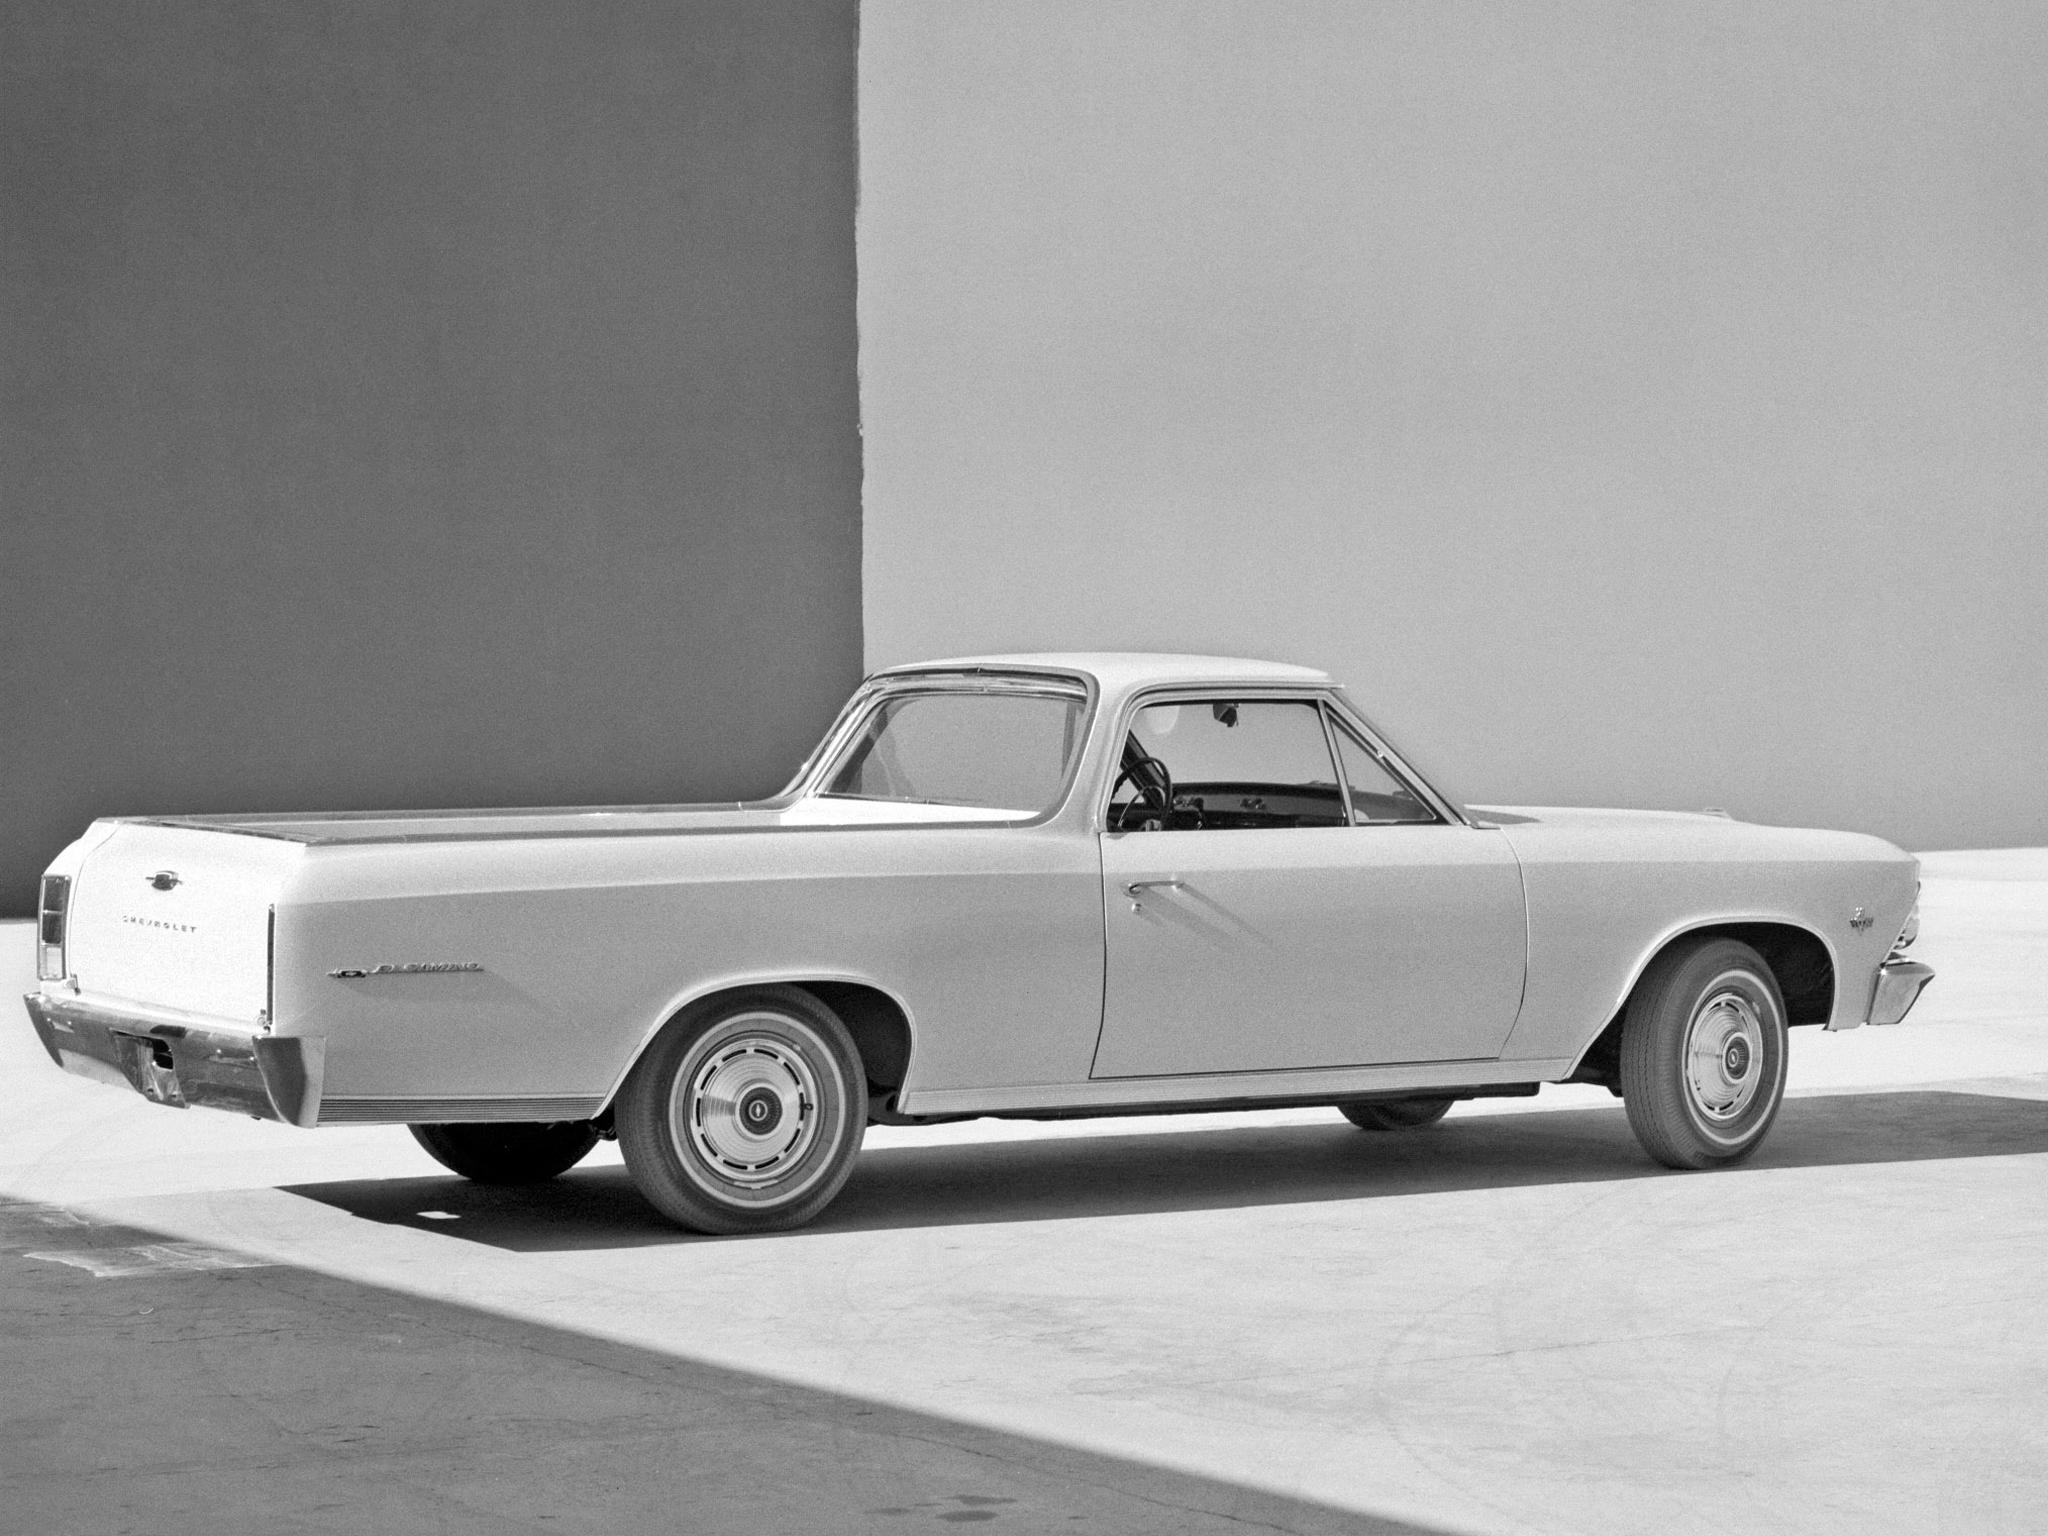 1966 Chevrolet El Camino Custom 13680 Pickup Classic Wallpaper 2048x1536 140812 Wallpaperup